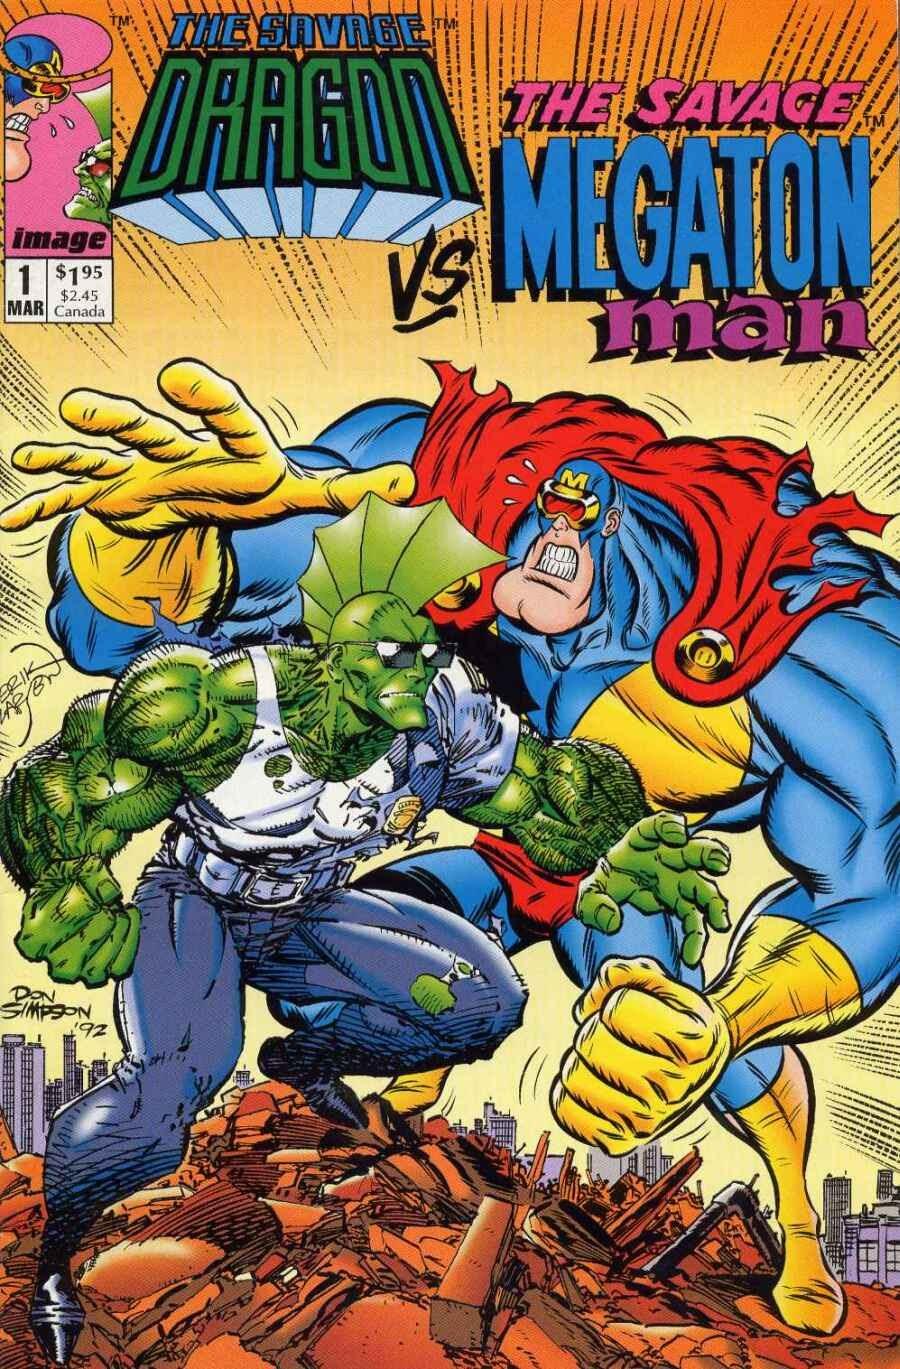 Savage Dragon vs. Savage Megaton Man Full Page 1